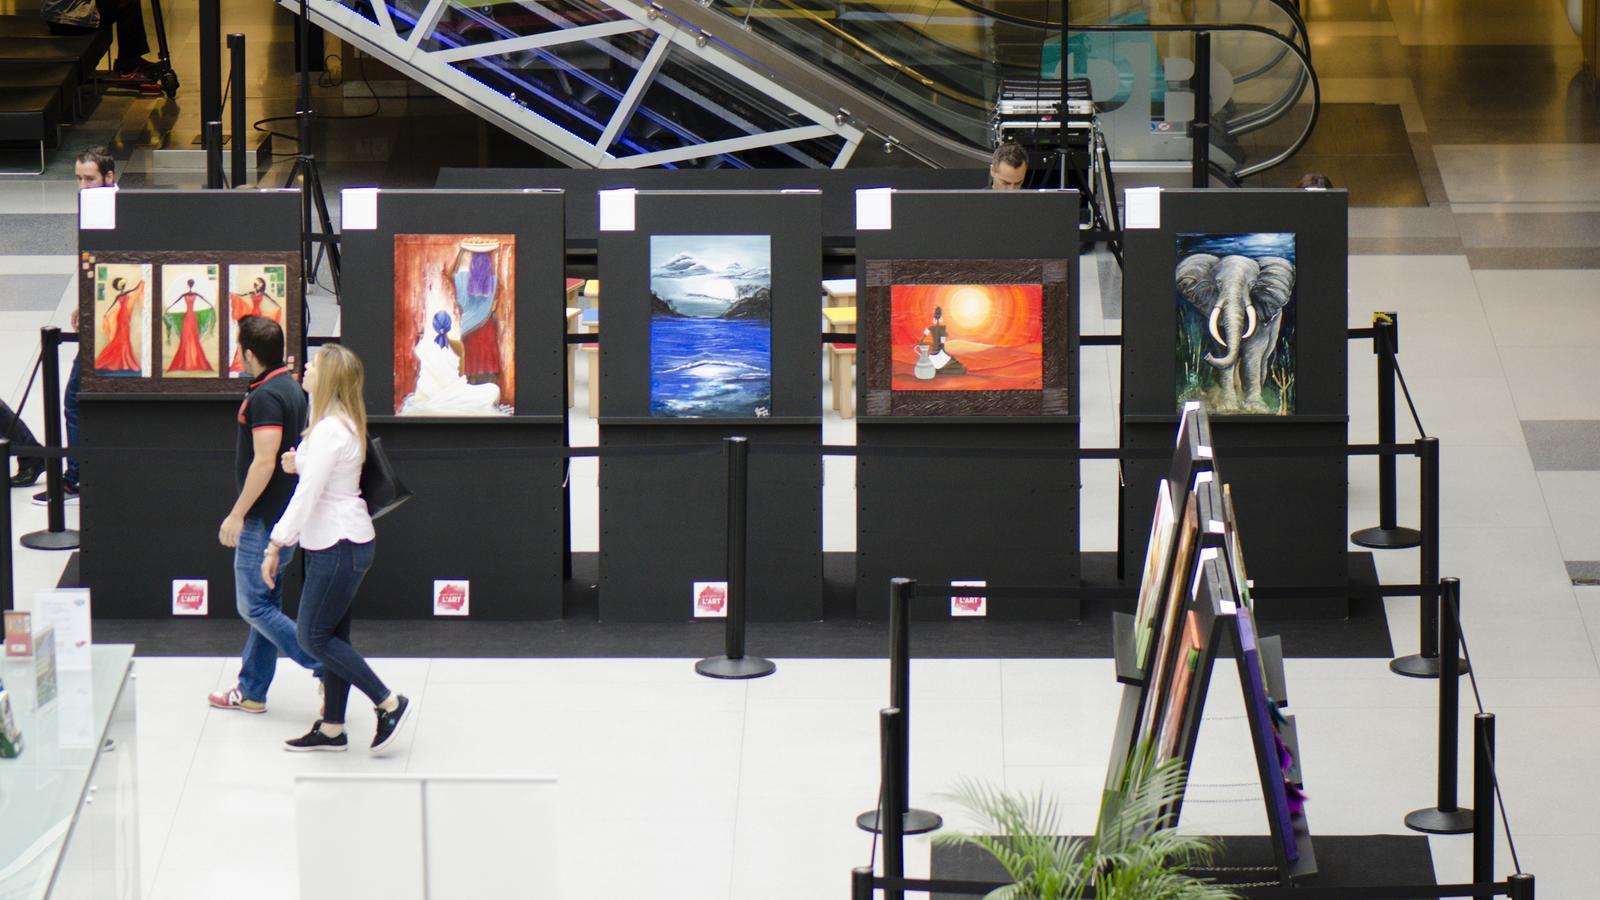 L'exposició que s'ha inaugurat aquest dilluns. / ILLA CARLEMANY